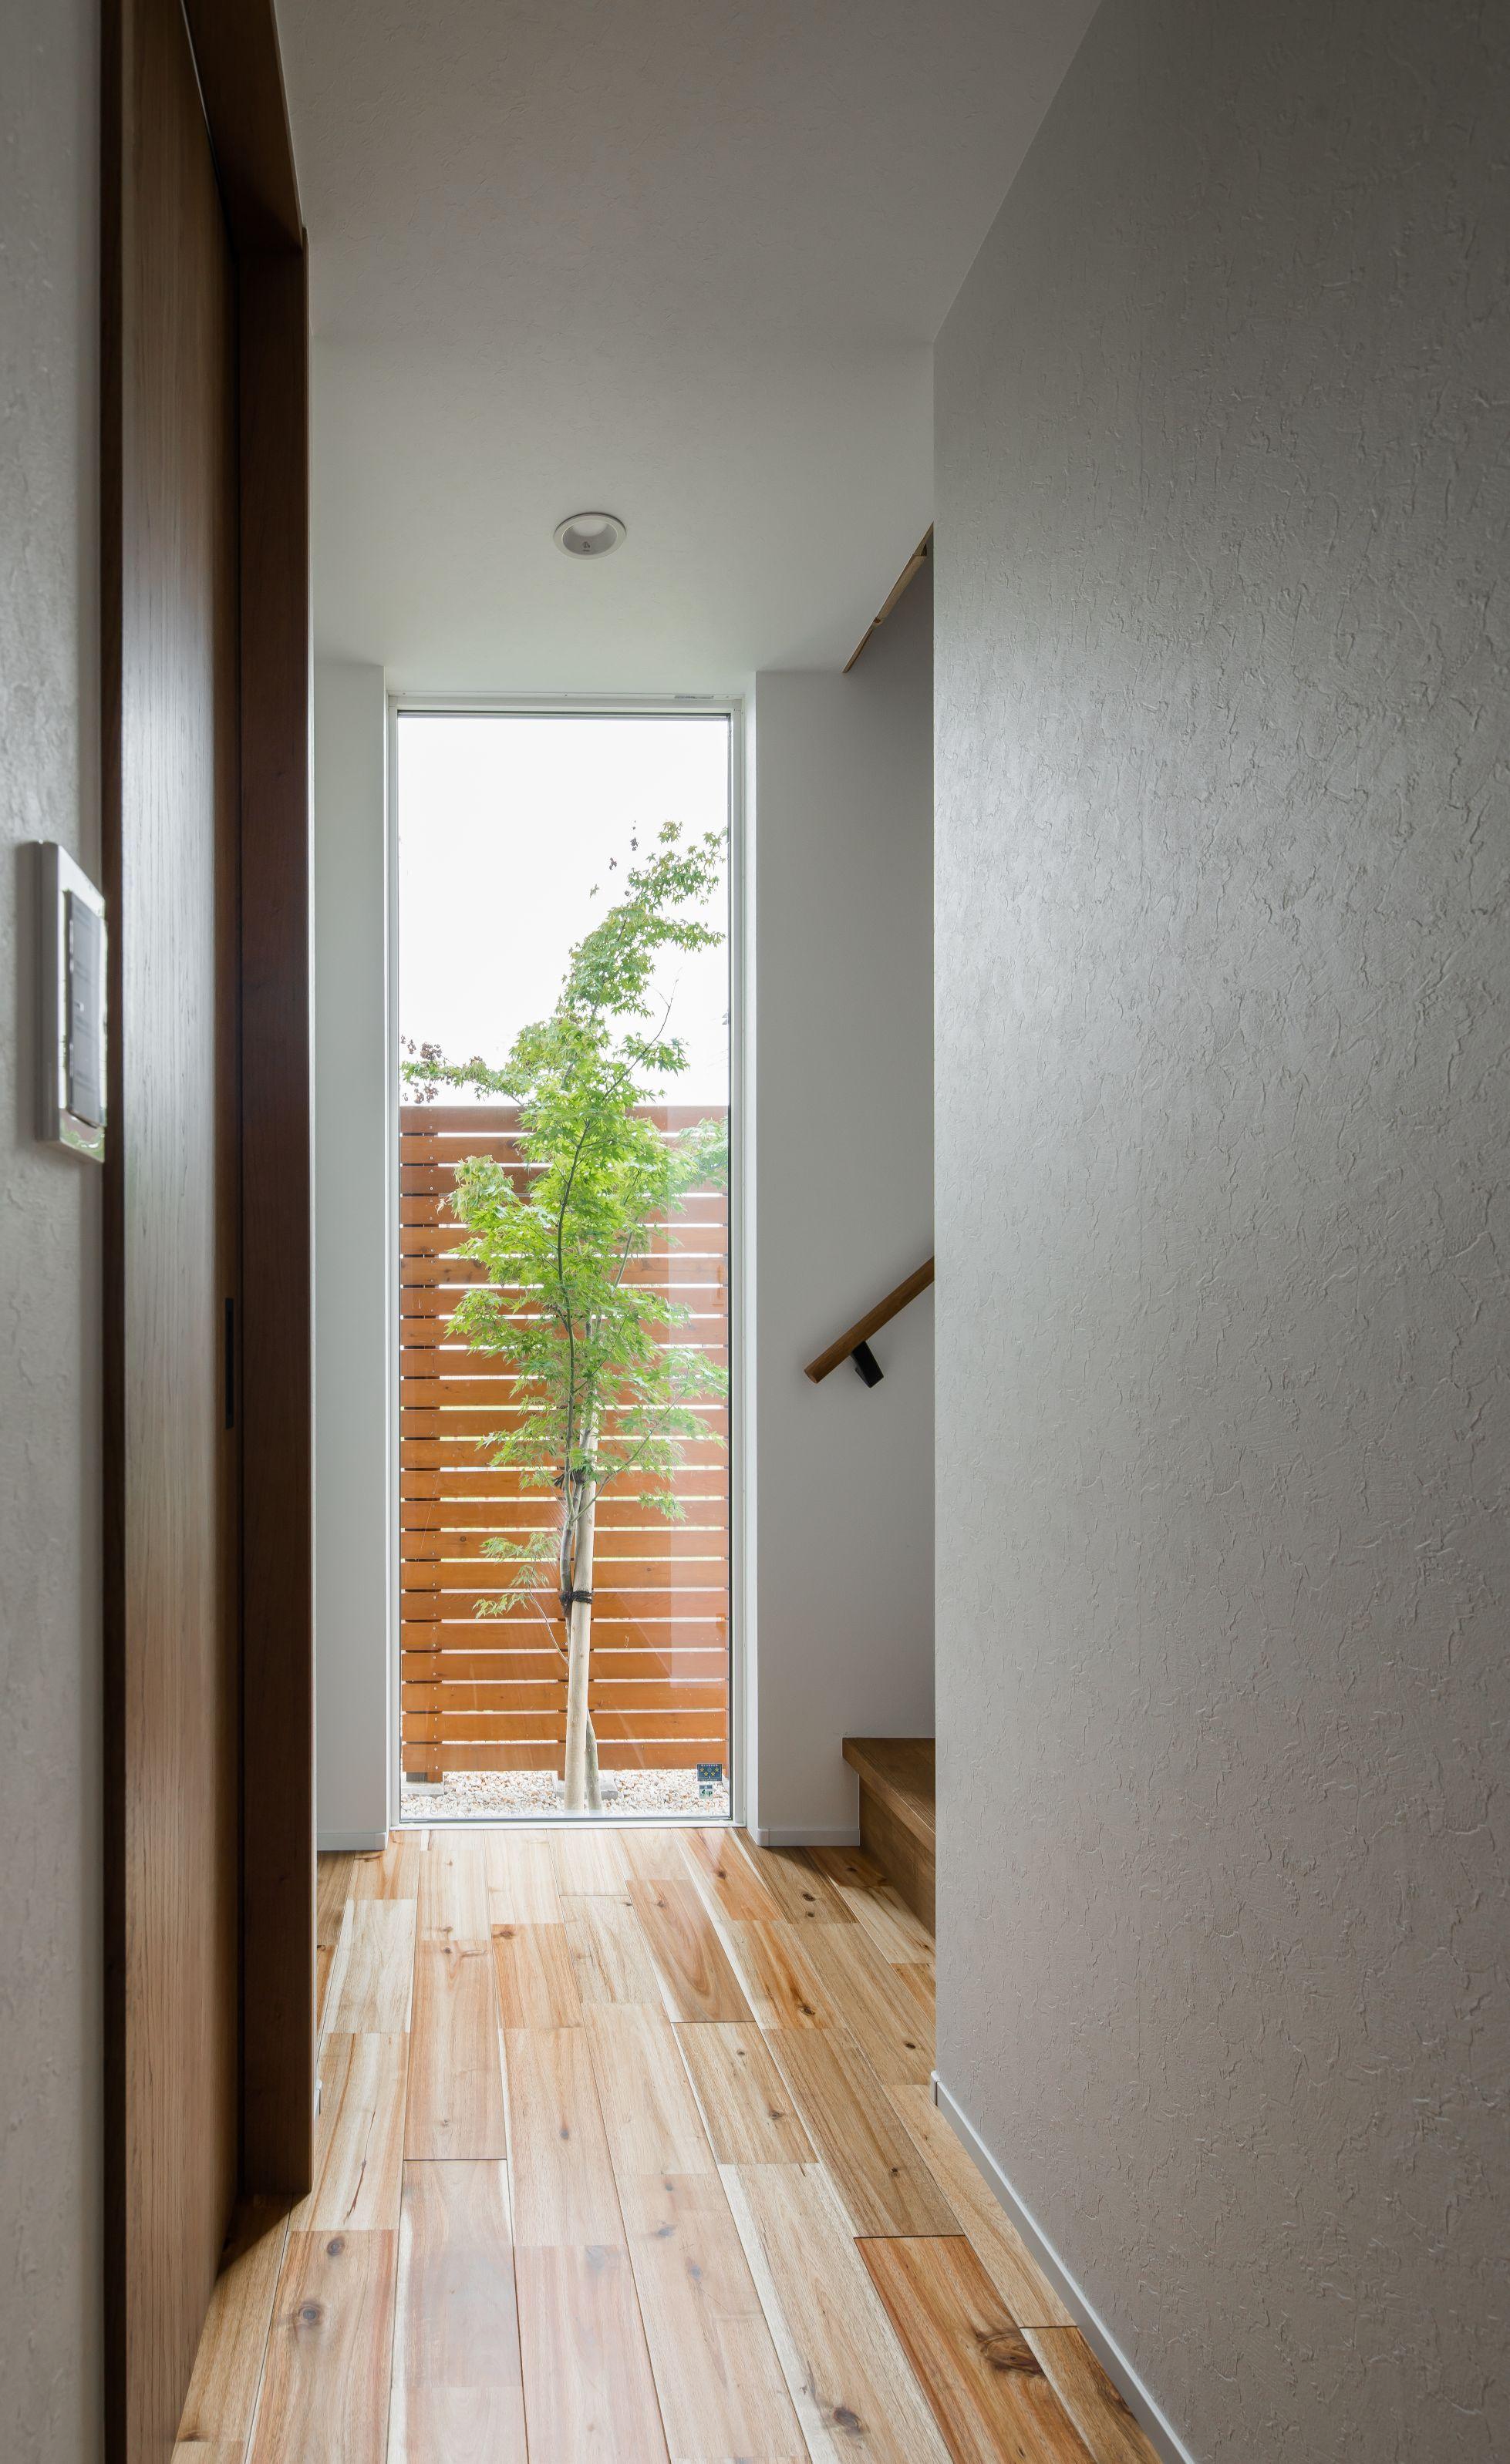 玄関奥の窓からシンボルツリーの紅葉が季節を告げる ルポハウス